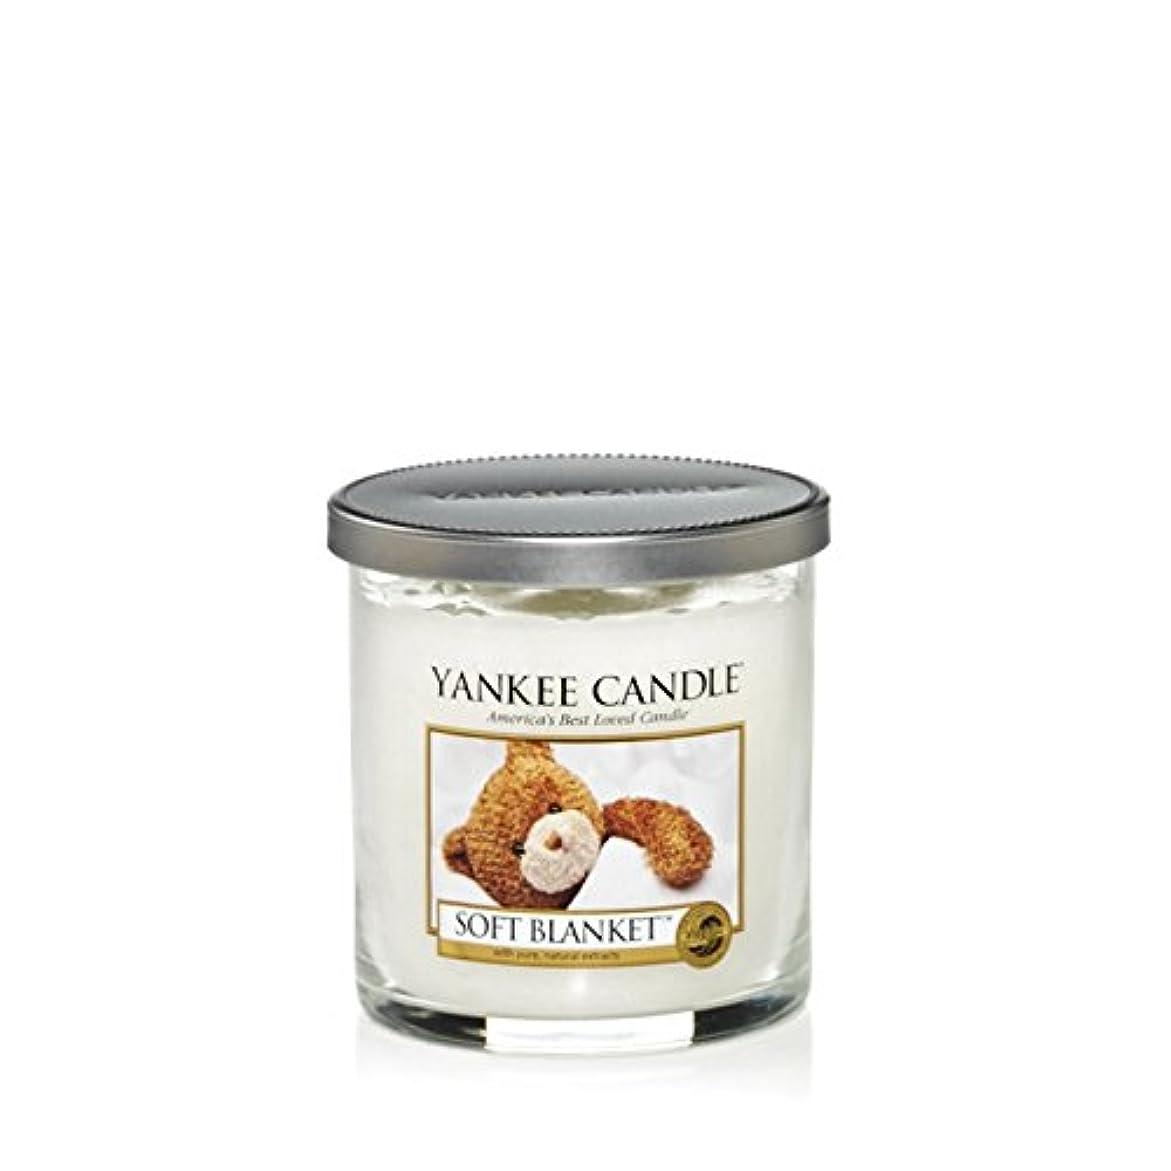 ネイティブ変形アーサーYankee Candles Small Pillar Candle - Soft Blanket (Pack of 2) - ヤンキーキャンドルの小さな柱キャンドル - ソフト毛布 (x2) [並行輸入品]